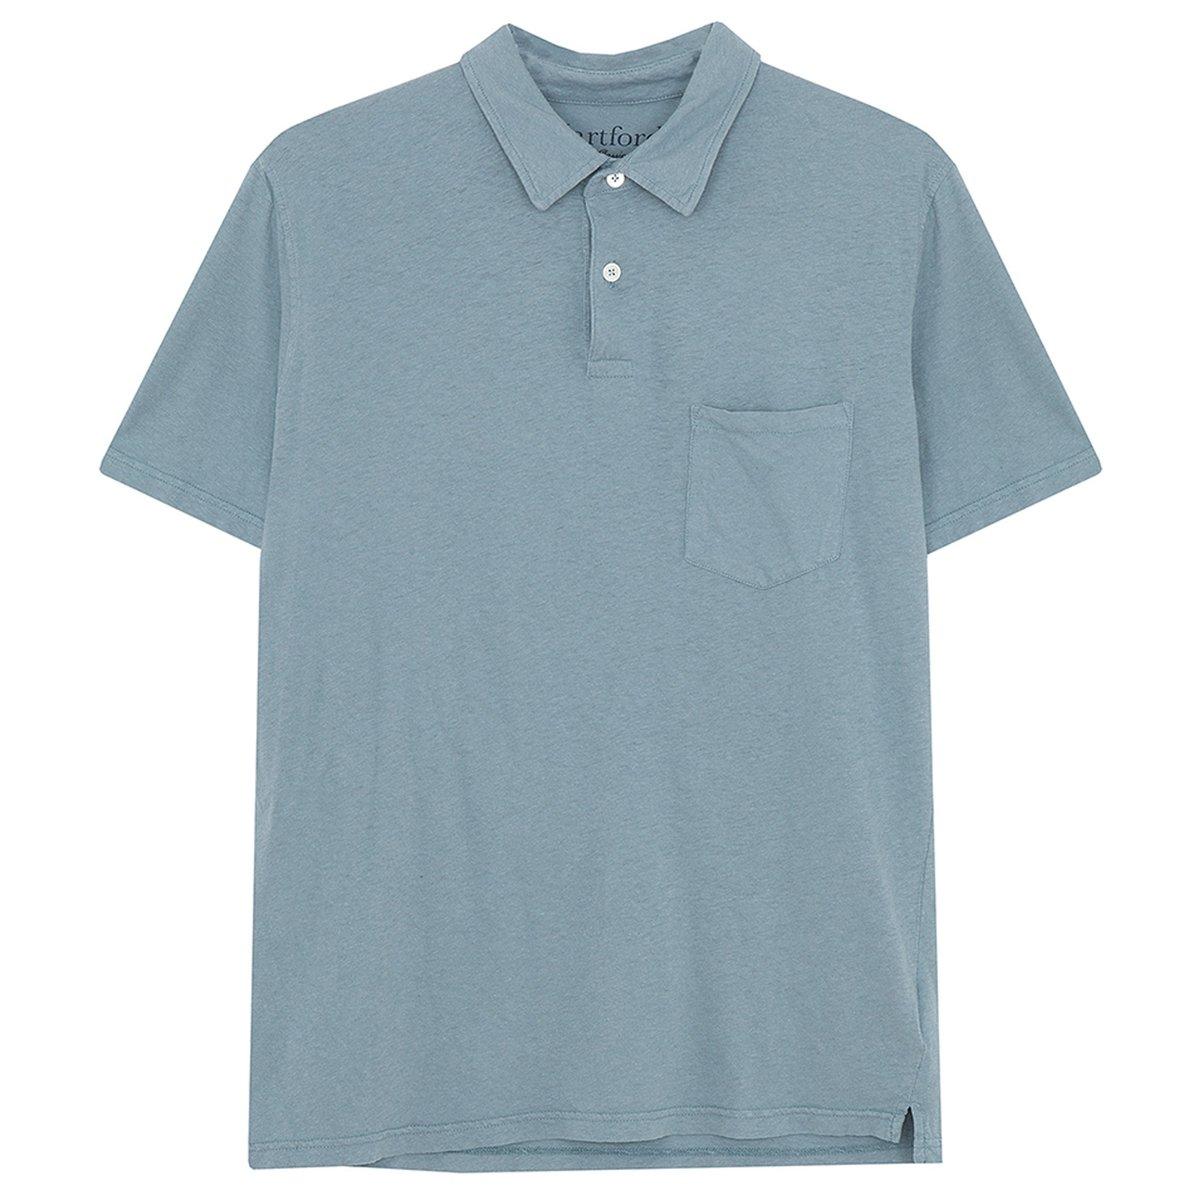 Hartford Soft Cottonlinen Jersey Polo Shirt Teal Garmentory